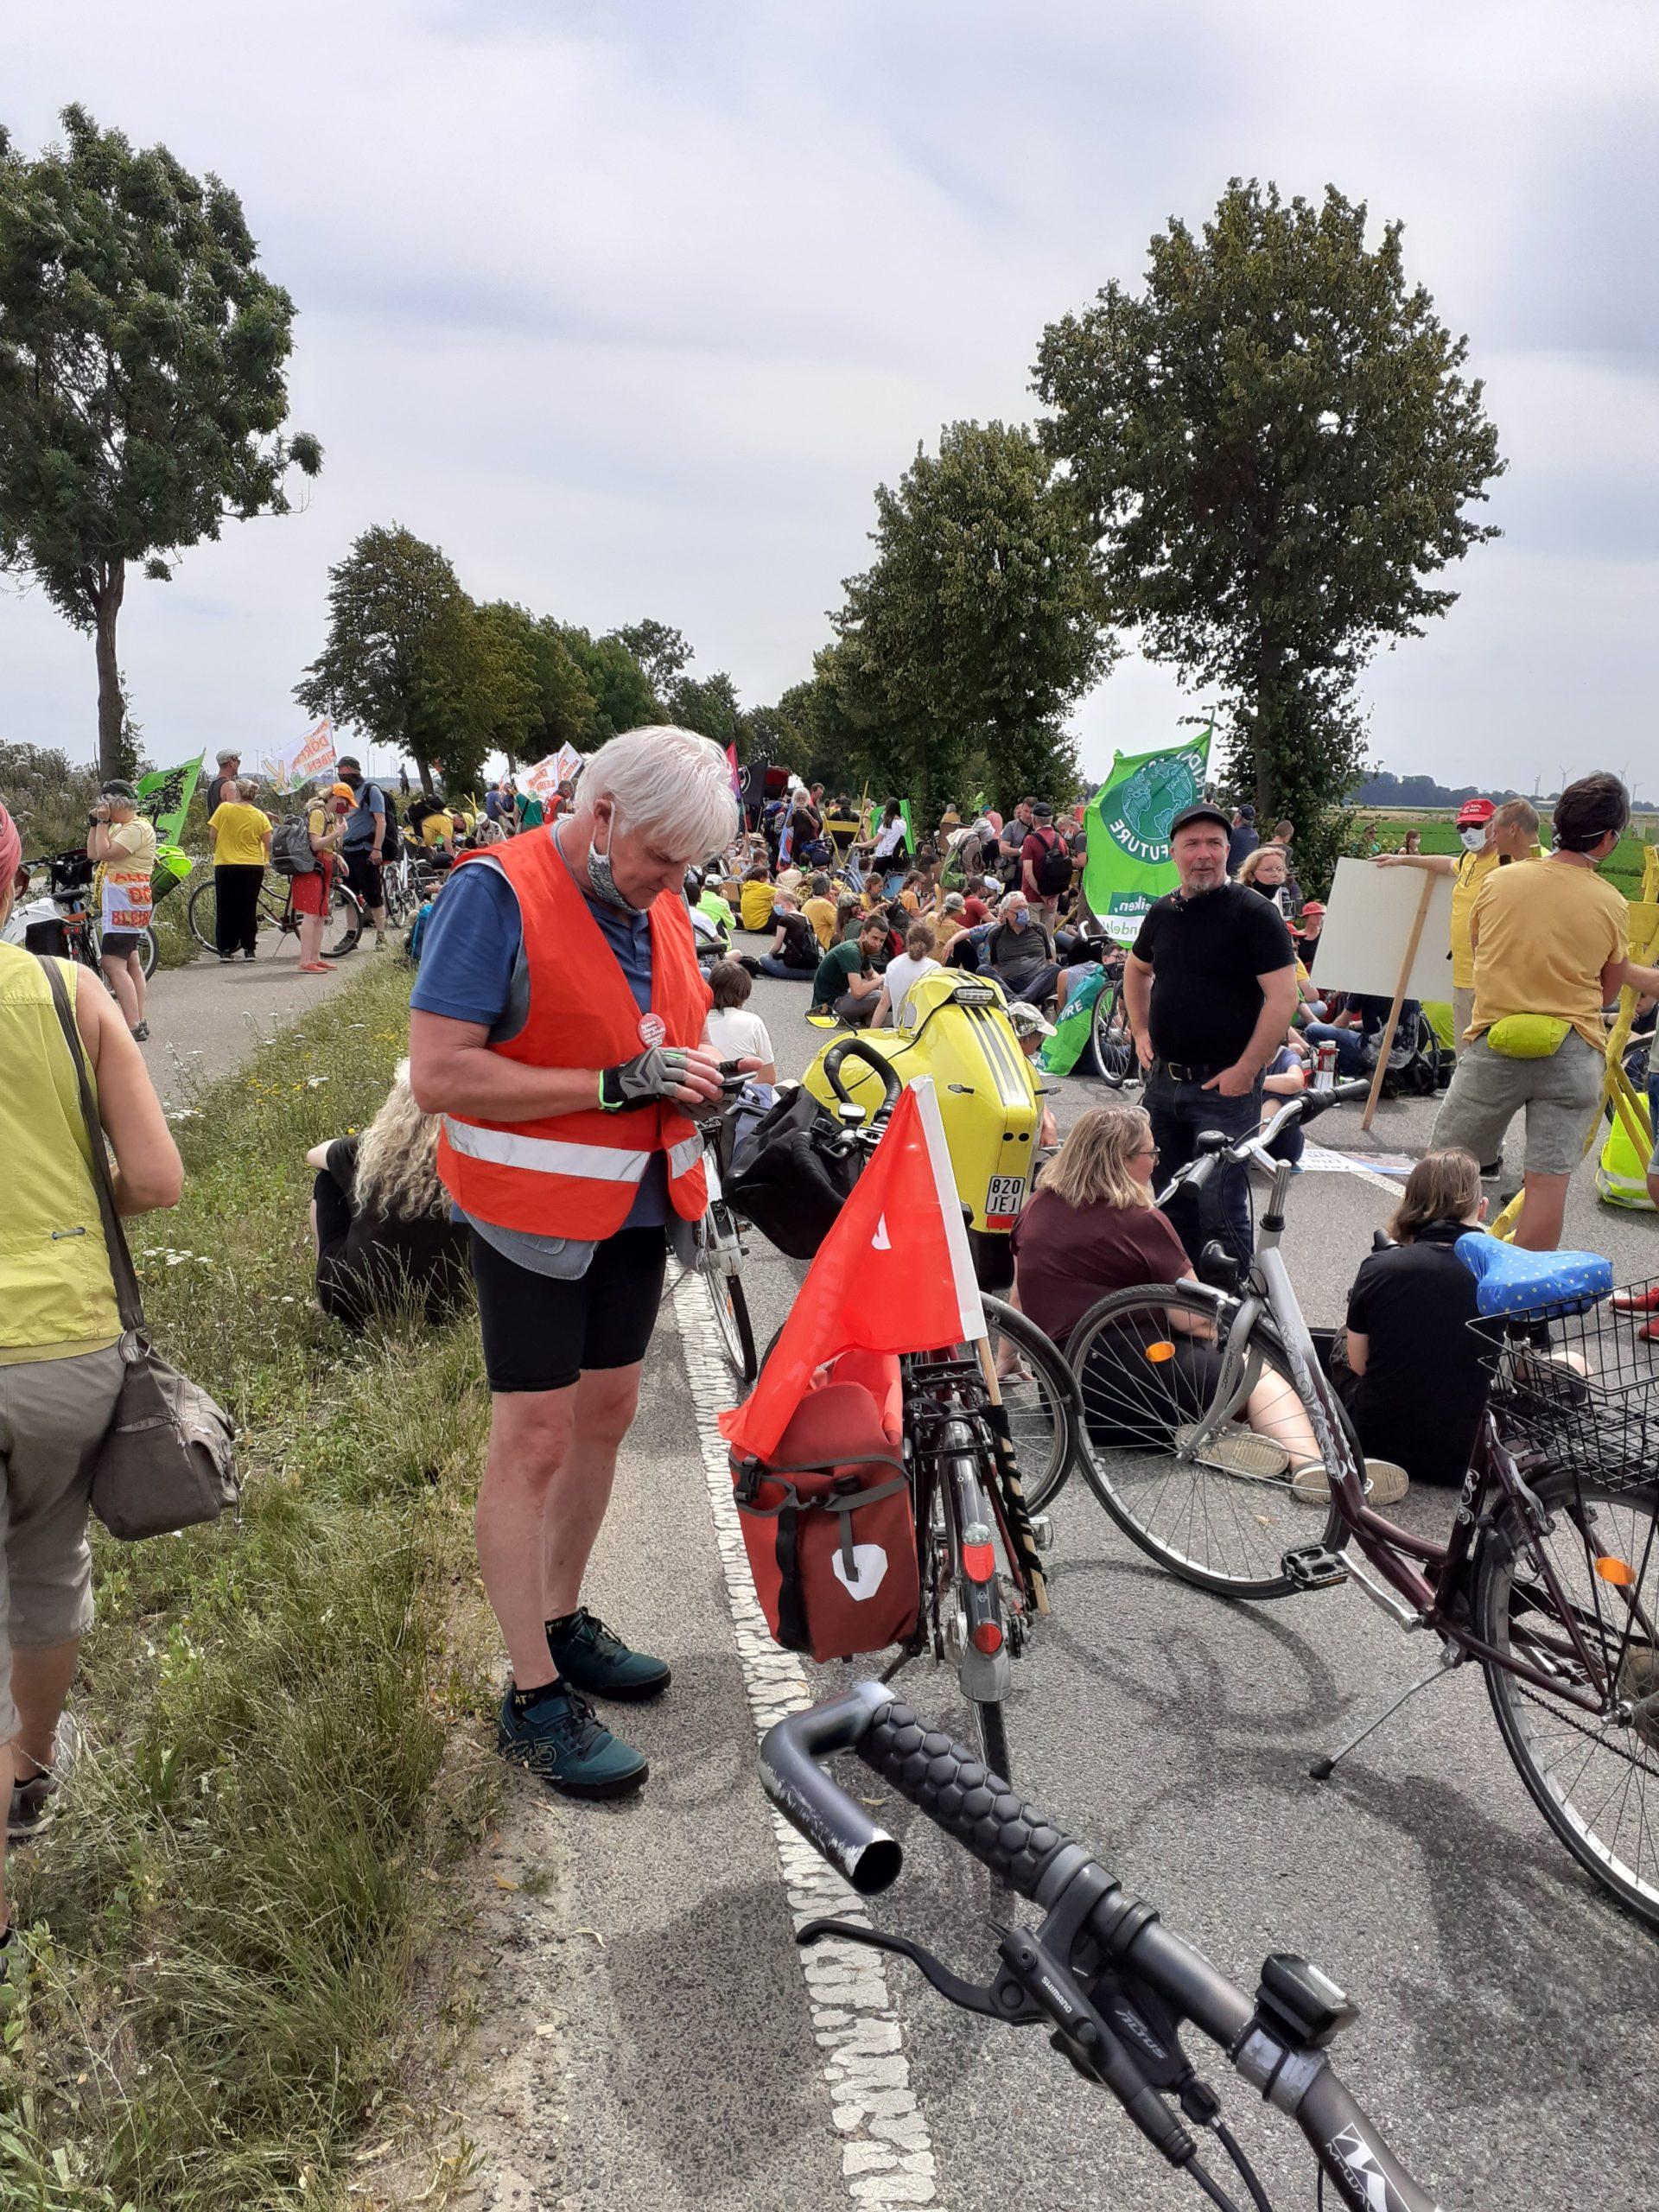 Radfahrer:innen vor Sitzblockade auf Landstraße